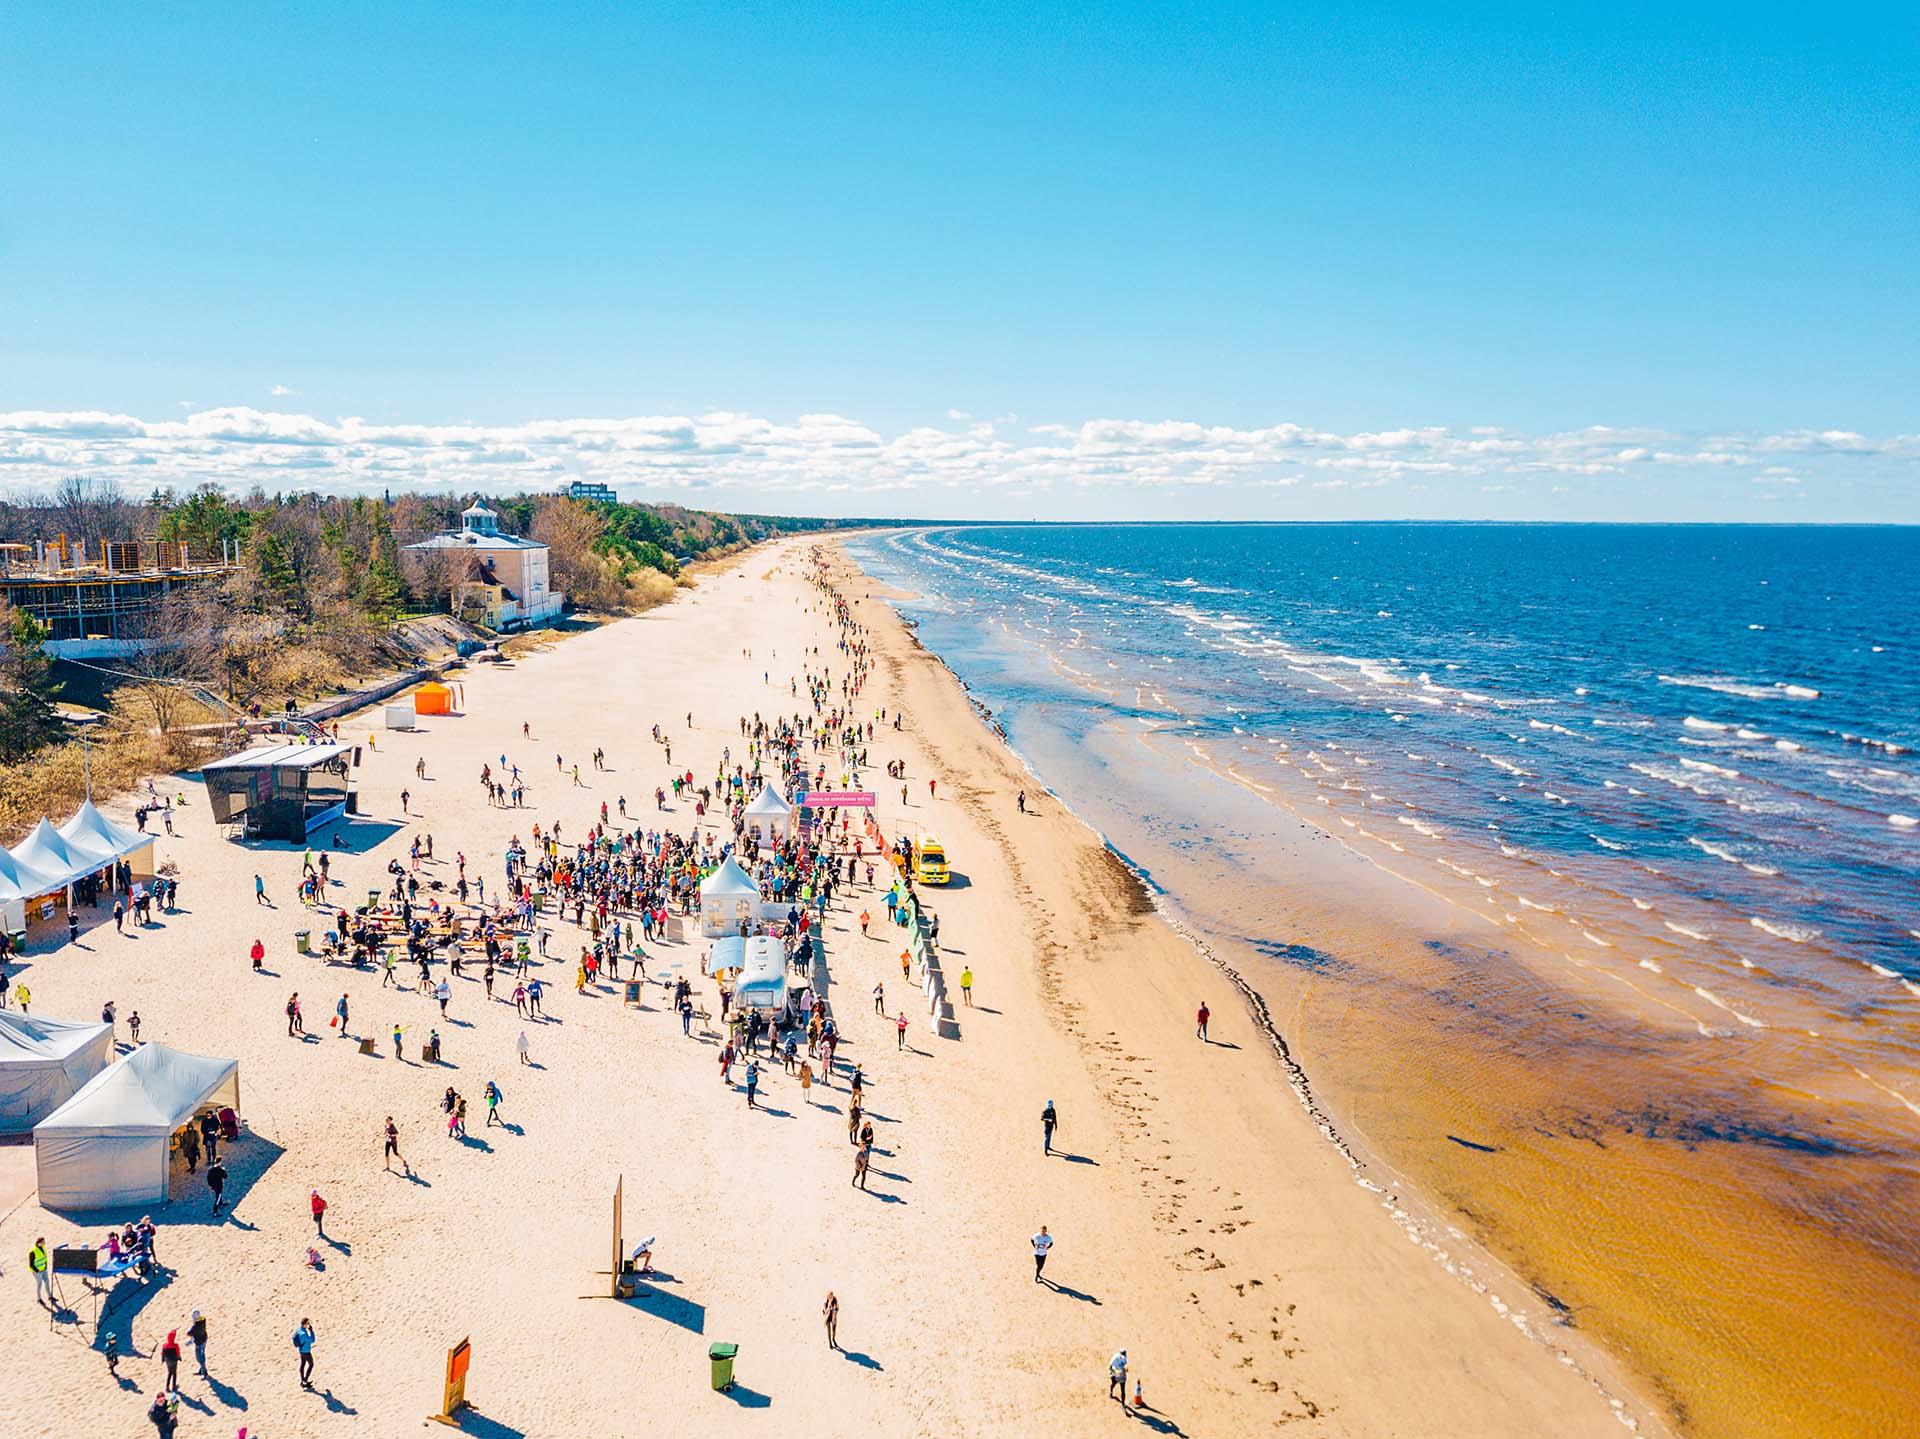 Esta playa tiene 33 km de arena fina y pura. Es uno de los mejores destinos de bienestar sostenible de Europa. Letonia se ha visto 60 veces menos afectada por el coronavirus que los países europeos más afectados y se encuentra entre los países europeos con más camas de hospital disponibles per cápita. No solo los hoteles y restaurantes están abiertos, también, las salas de masajes, saunas y eventos como conciertos, con menos de 500 personas